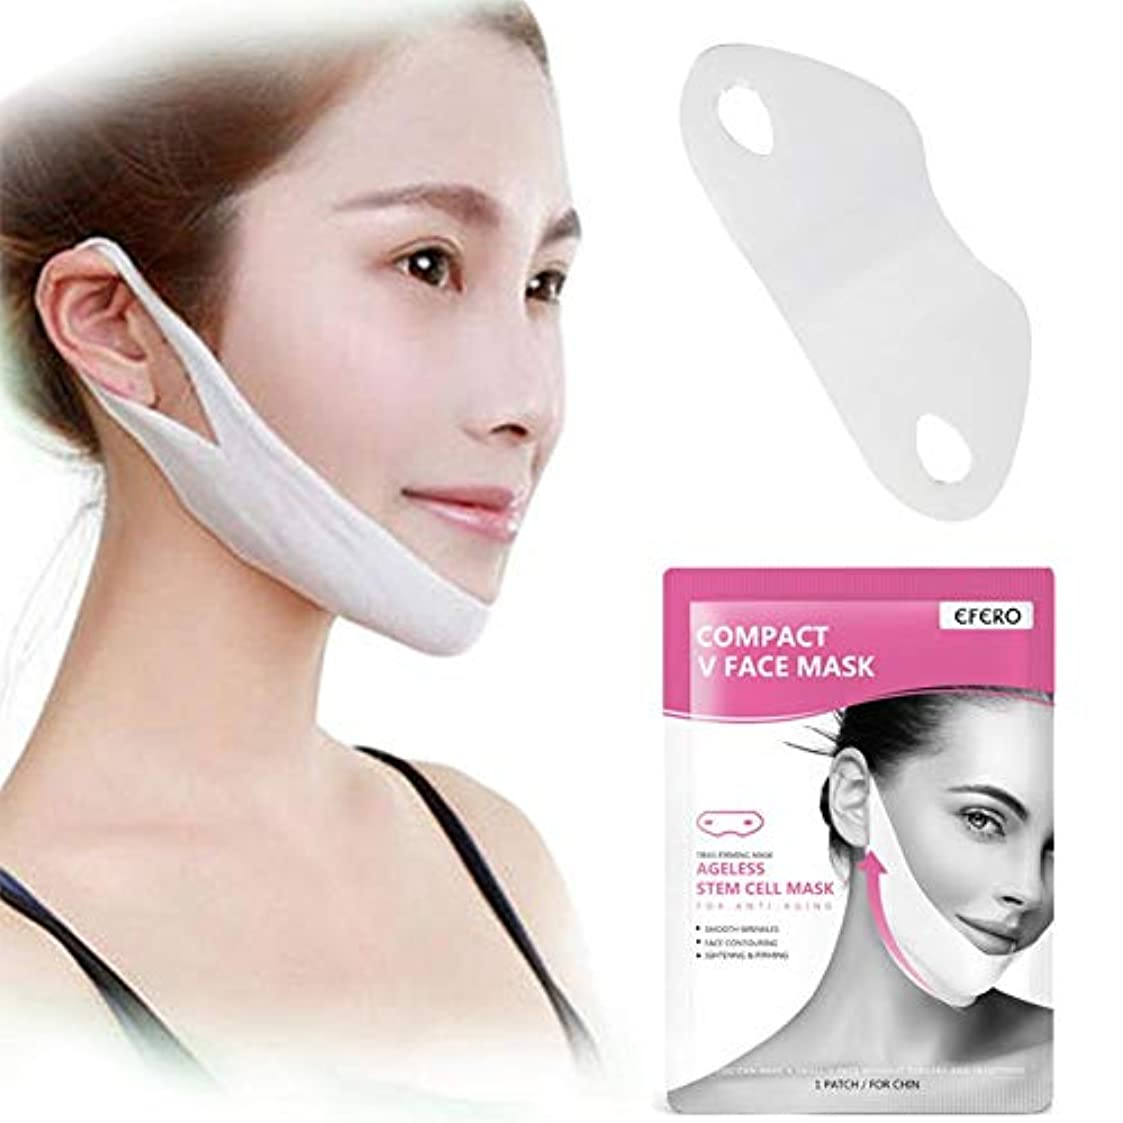 温度計保険中にSILUN 小顔マスク Vラインマスク リフティングファー ミングモイスチャライジングフェイスマスク ネックタイトフェイスフェイス 男女兼用